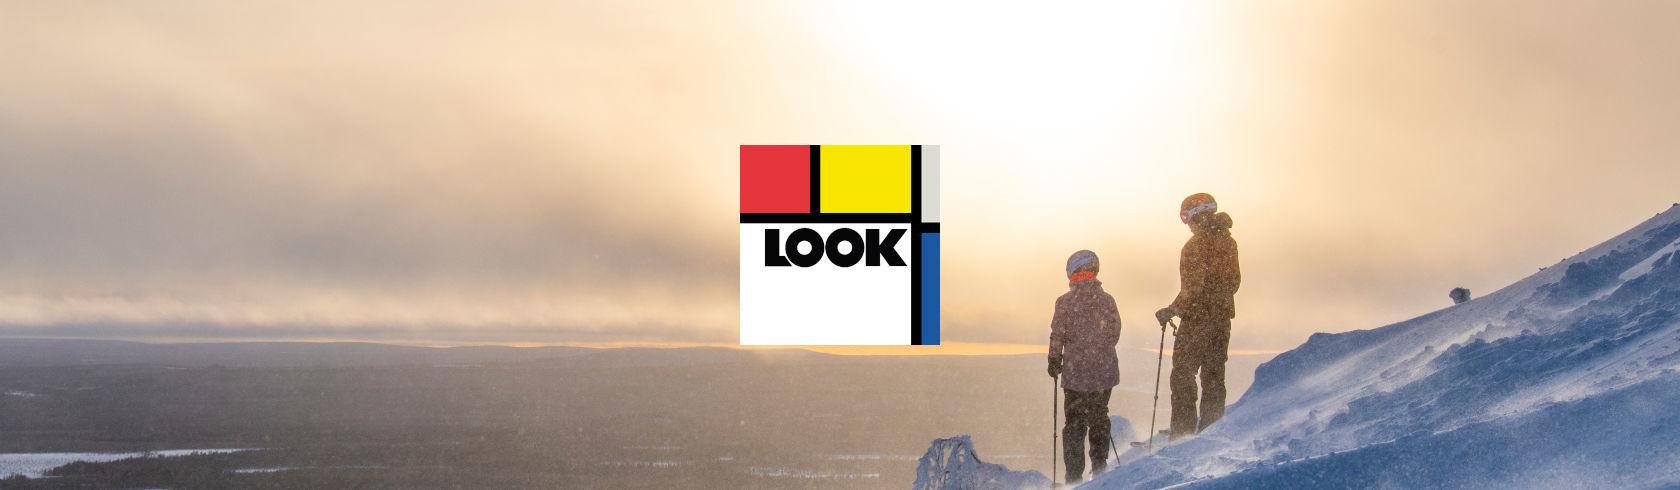 Look Bindings brand logo